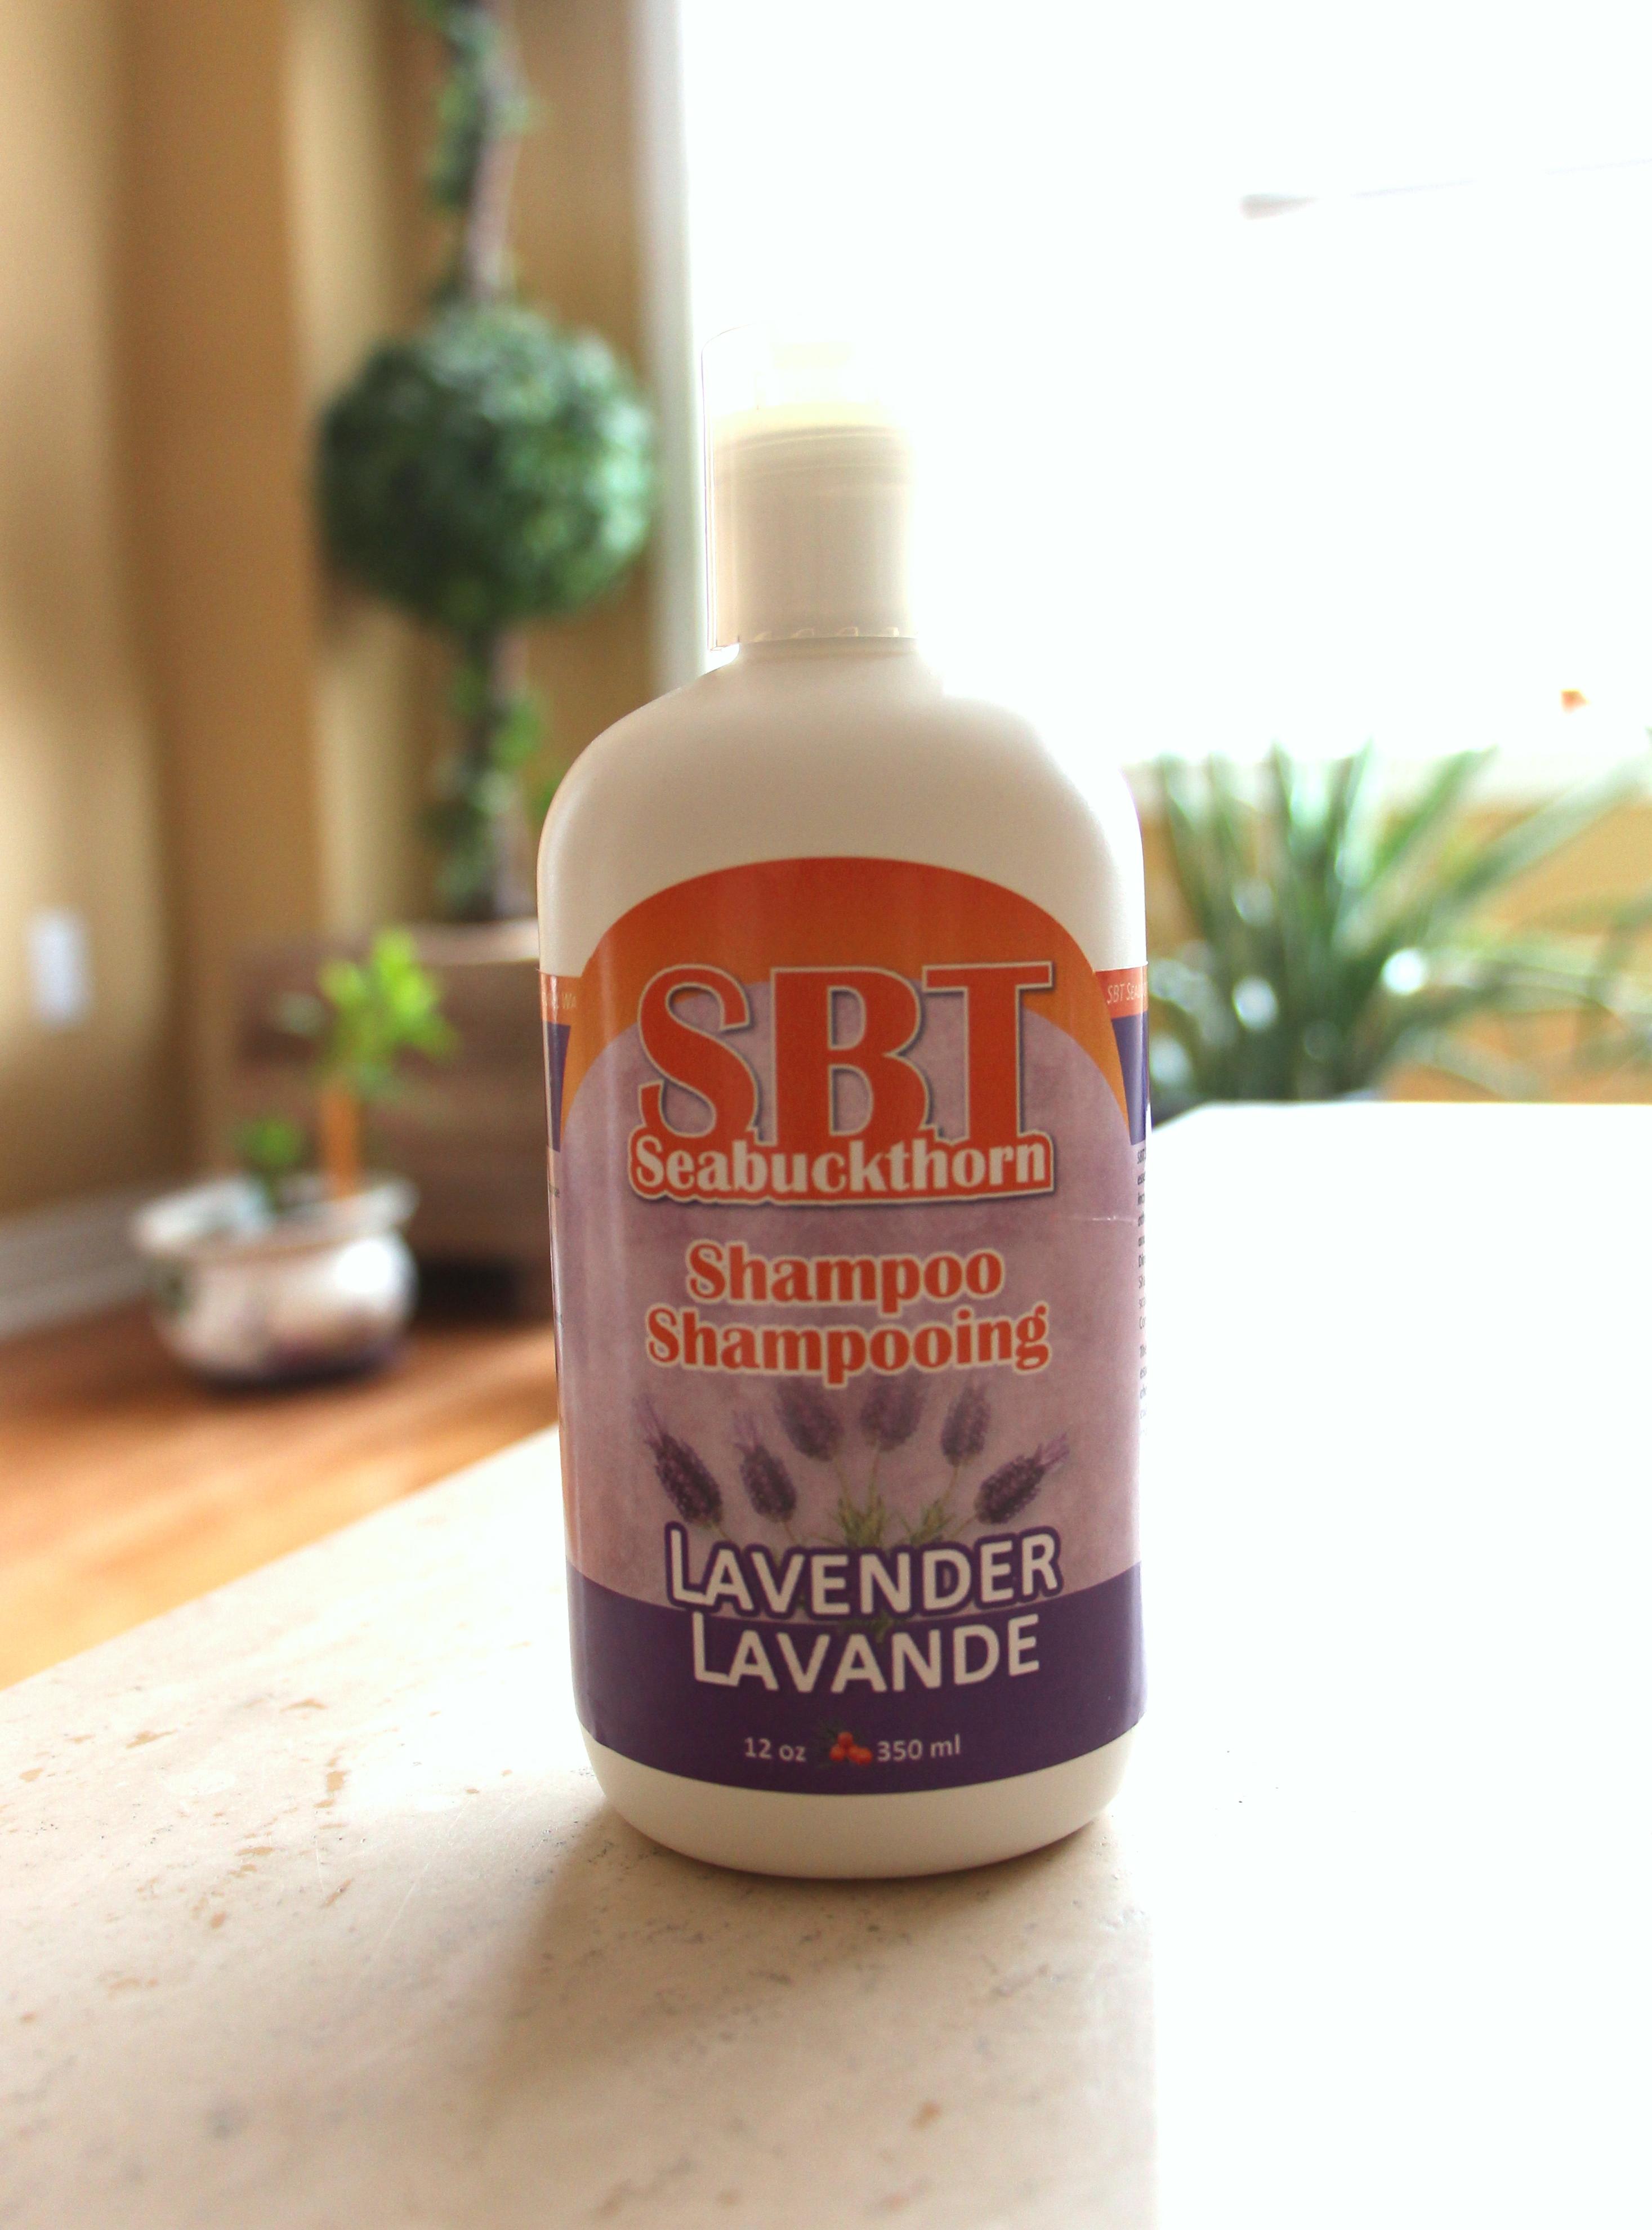 Seabuckthorn product eczema